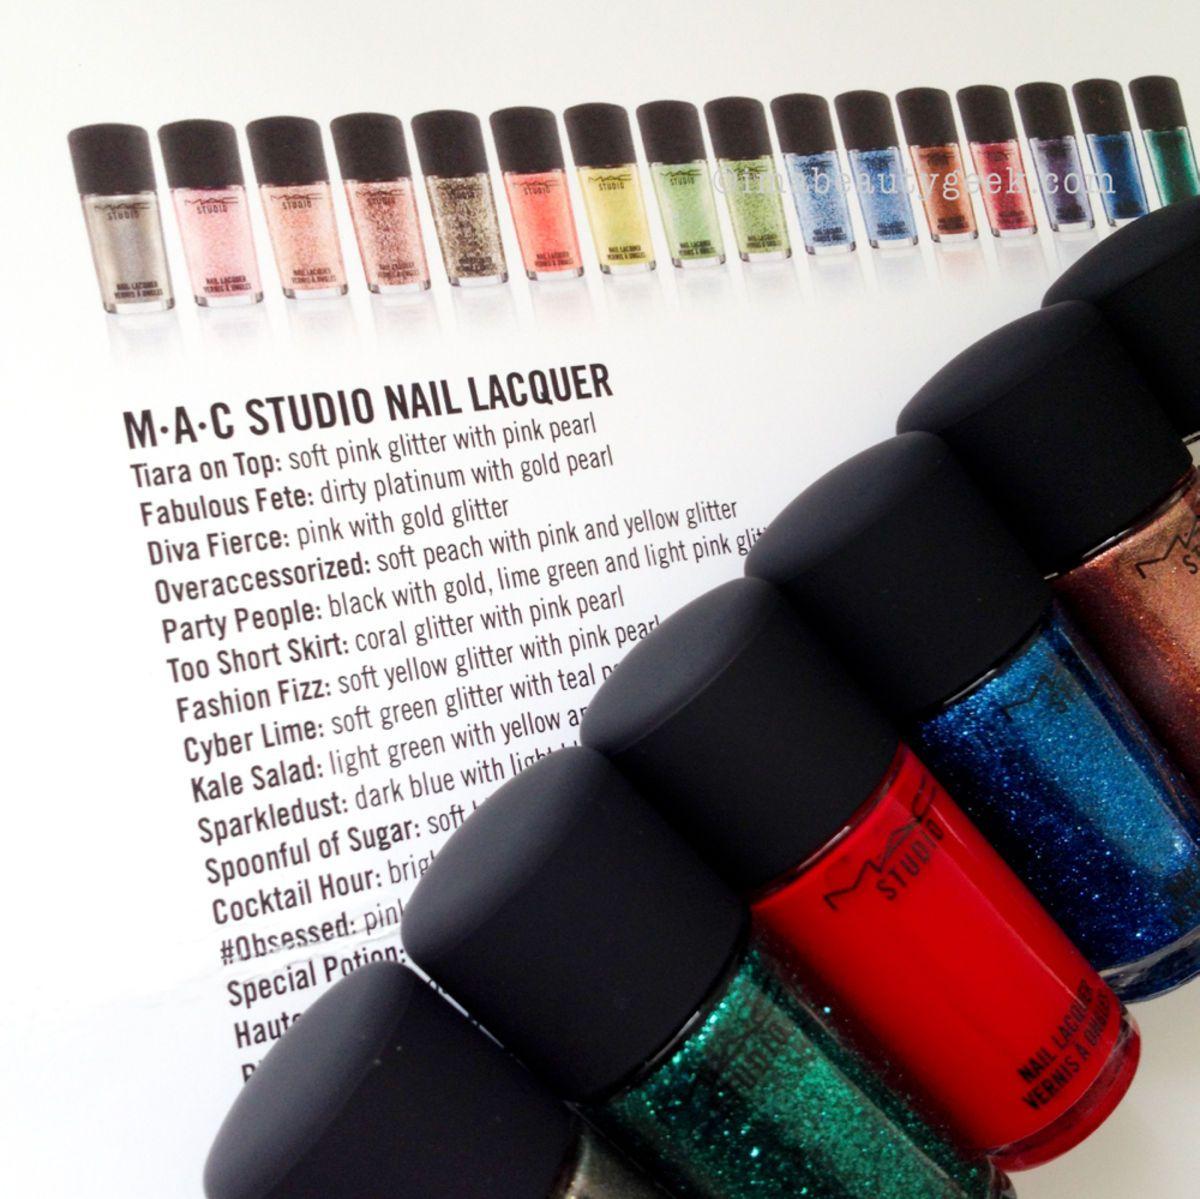 MAC STUDIO NAIL 2015: SWATCHES | Mac nail polish, Mac nails and Nail ...